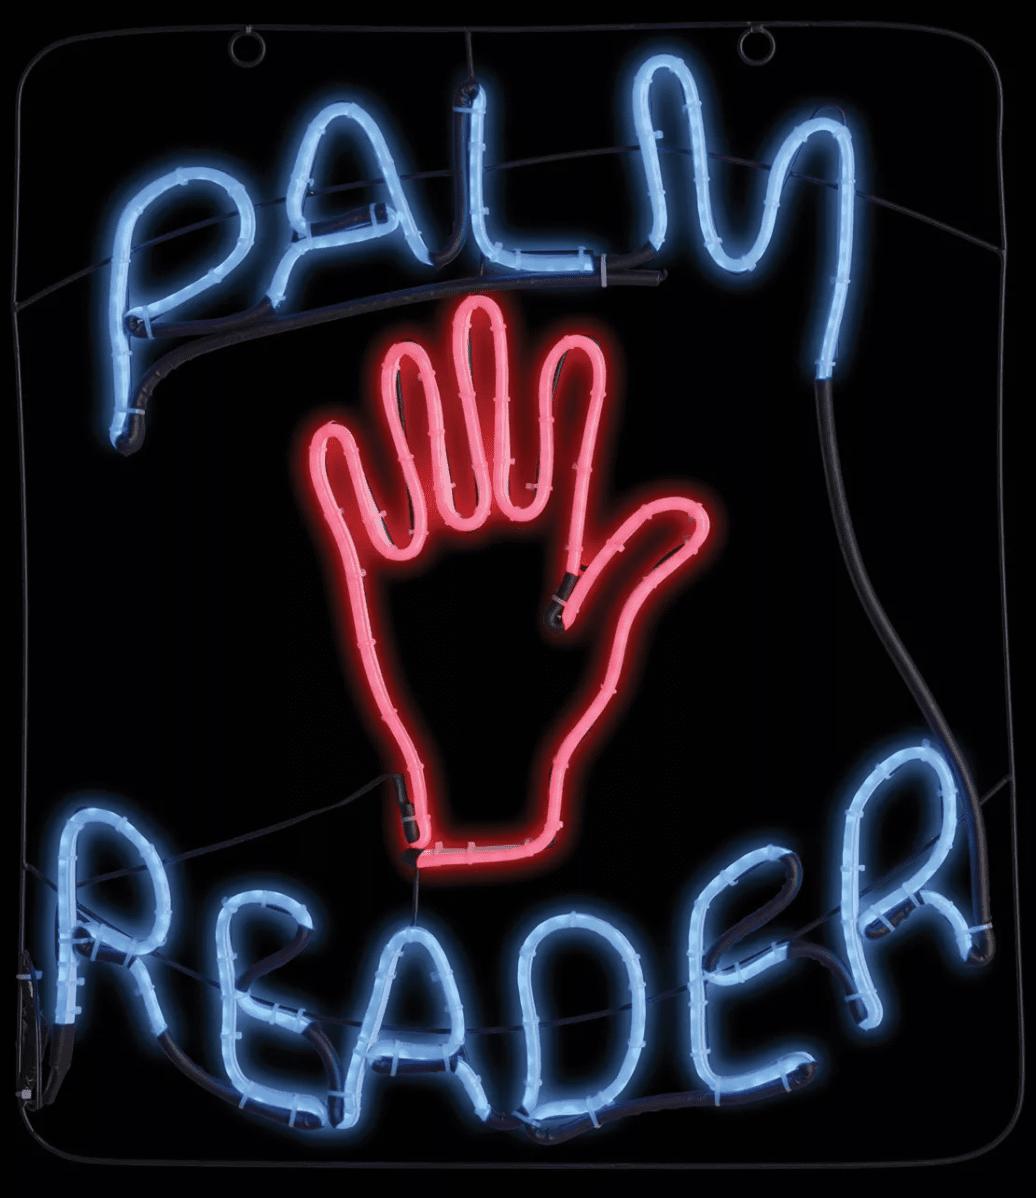 palm reader sign